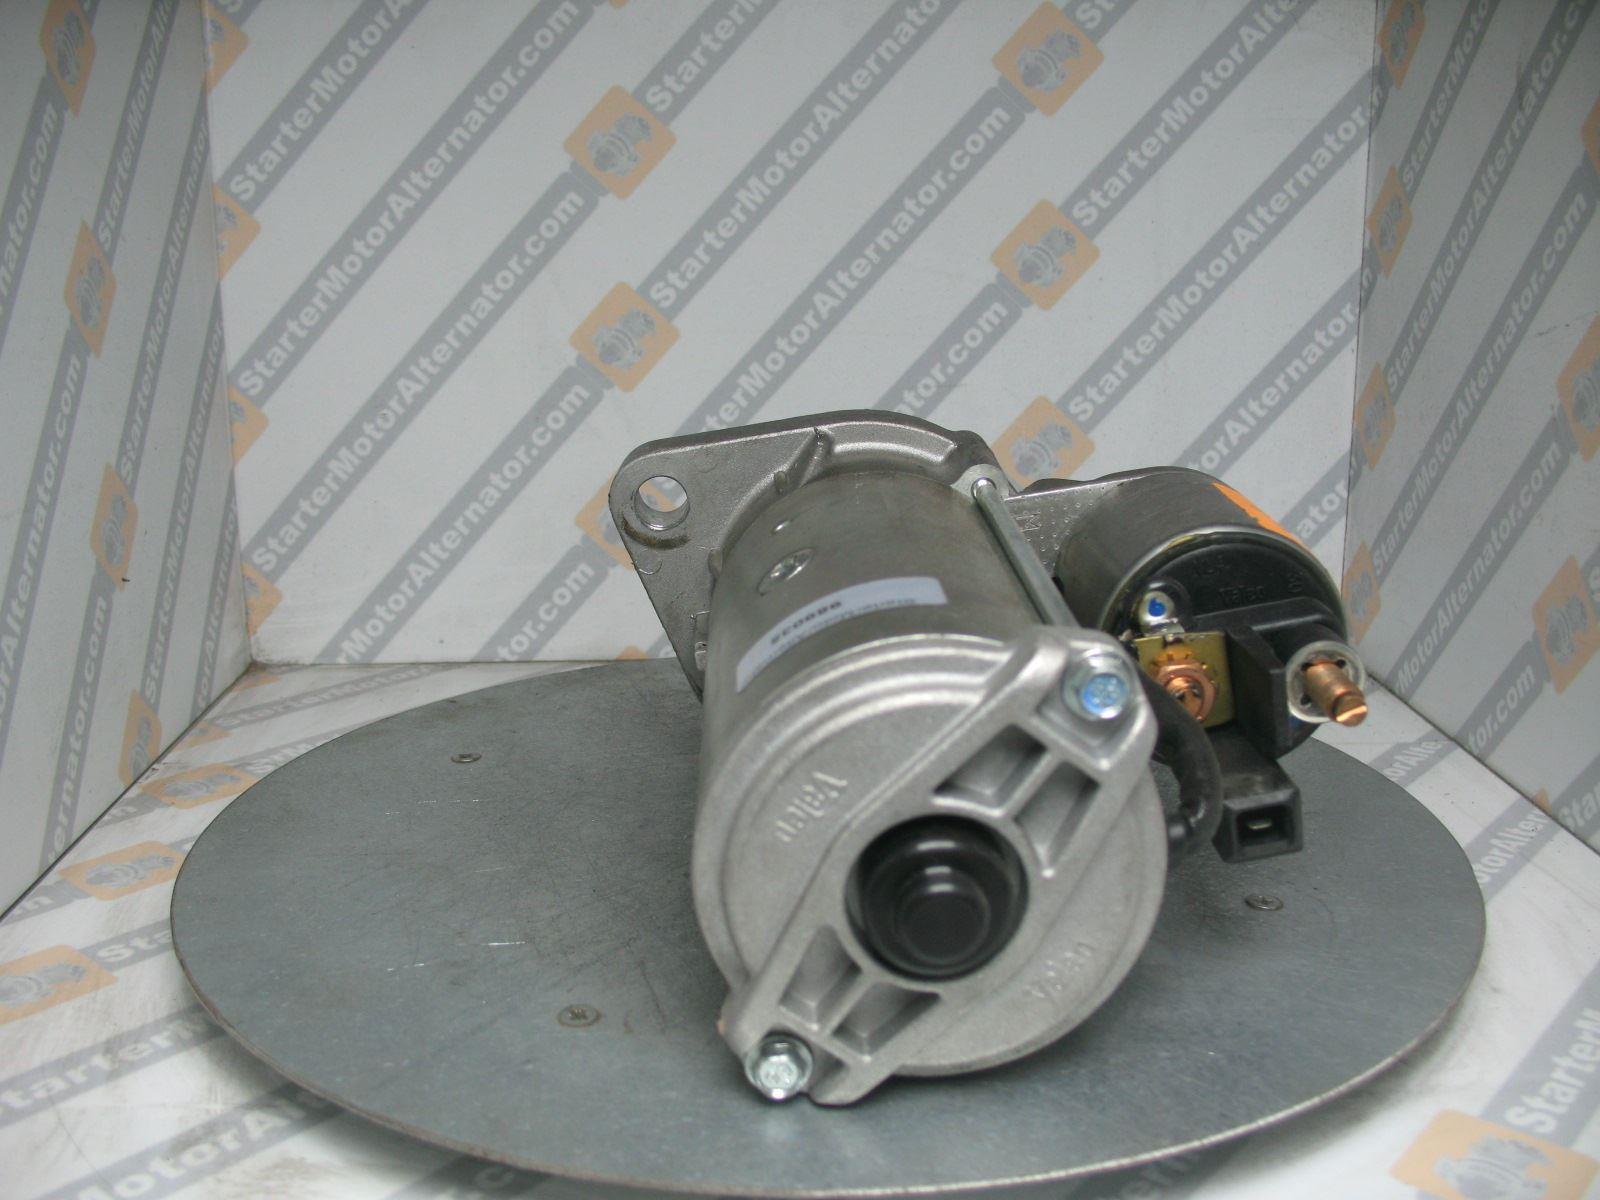 XIS9177 Starter Motor For Audi / Ford / Seat / Skoda / Volkswagen